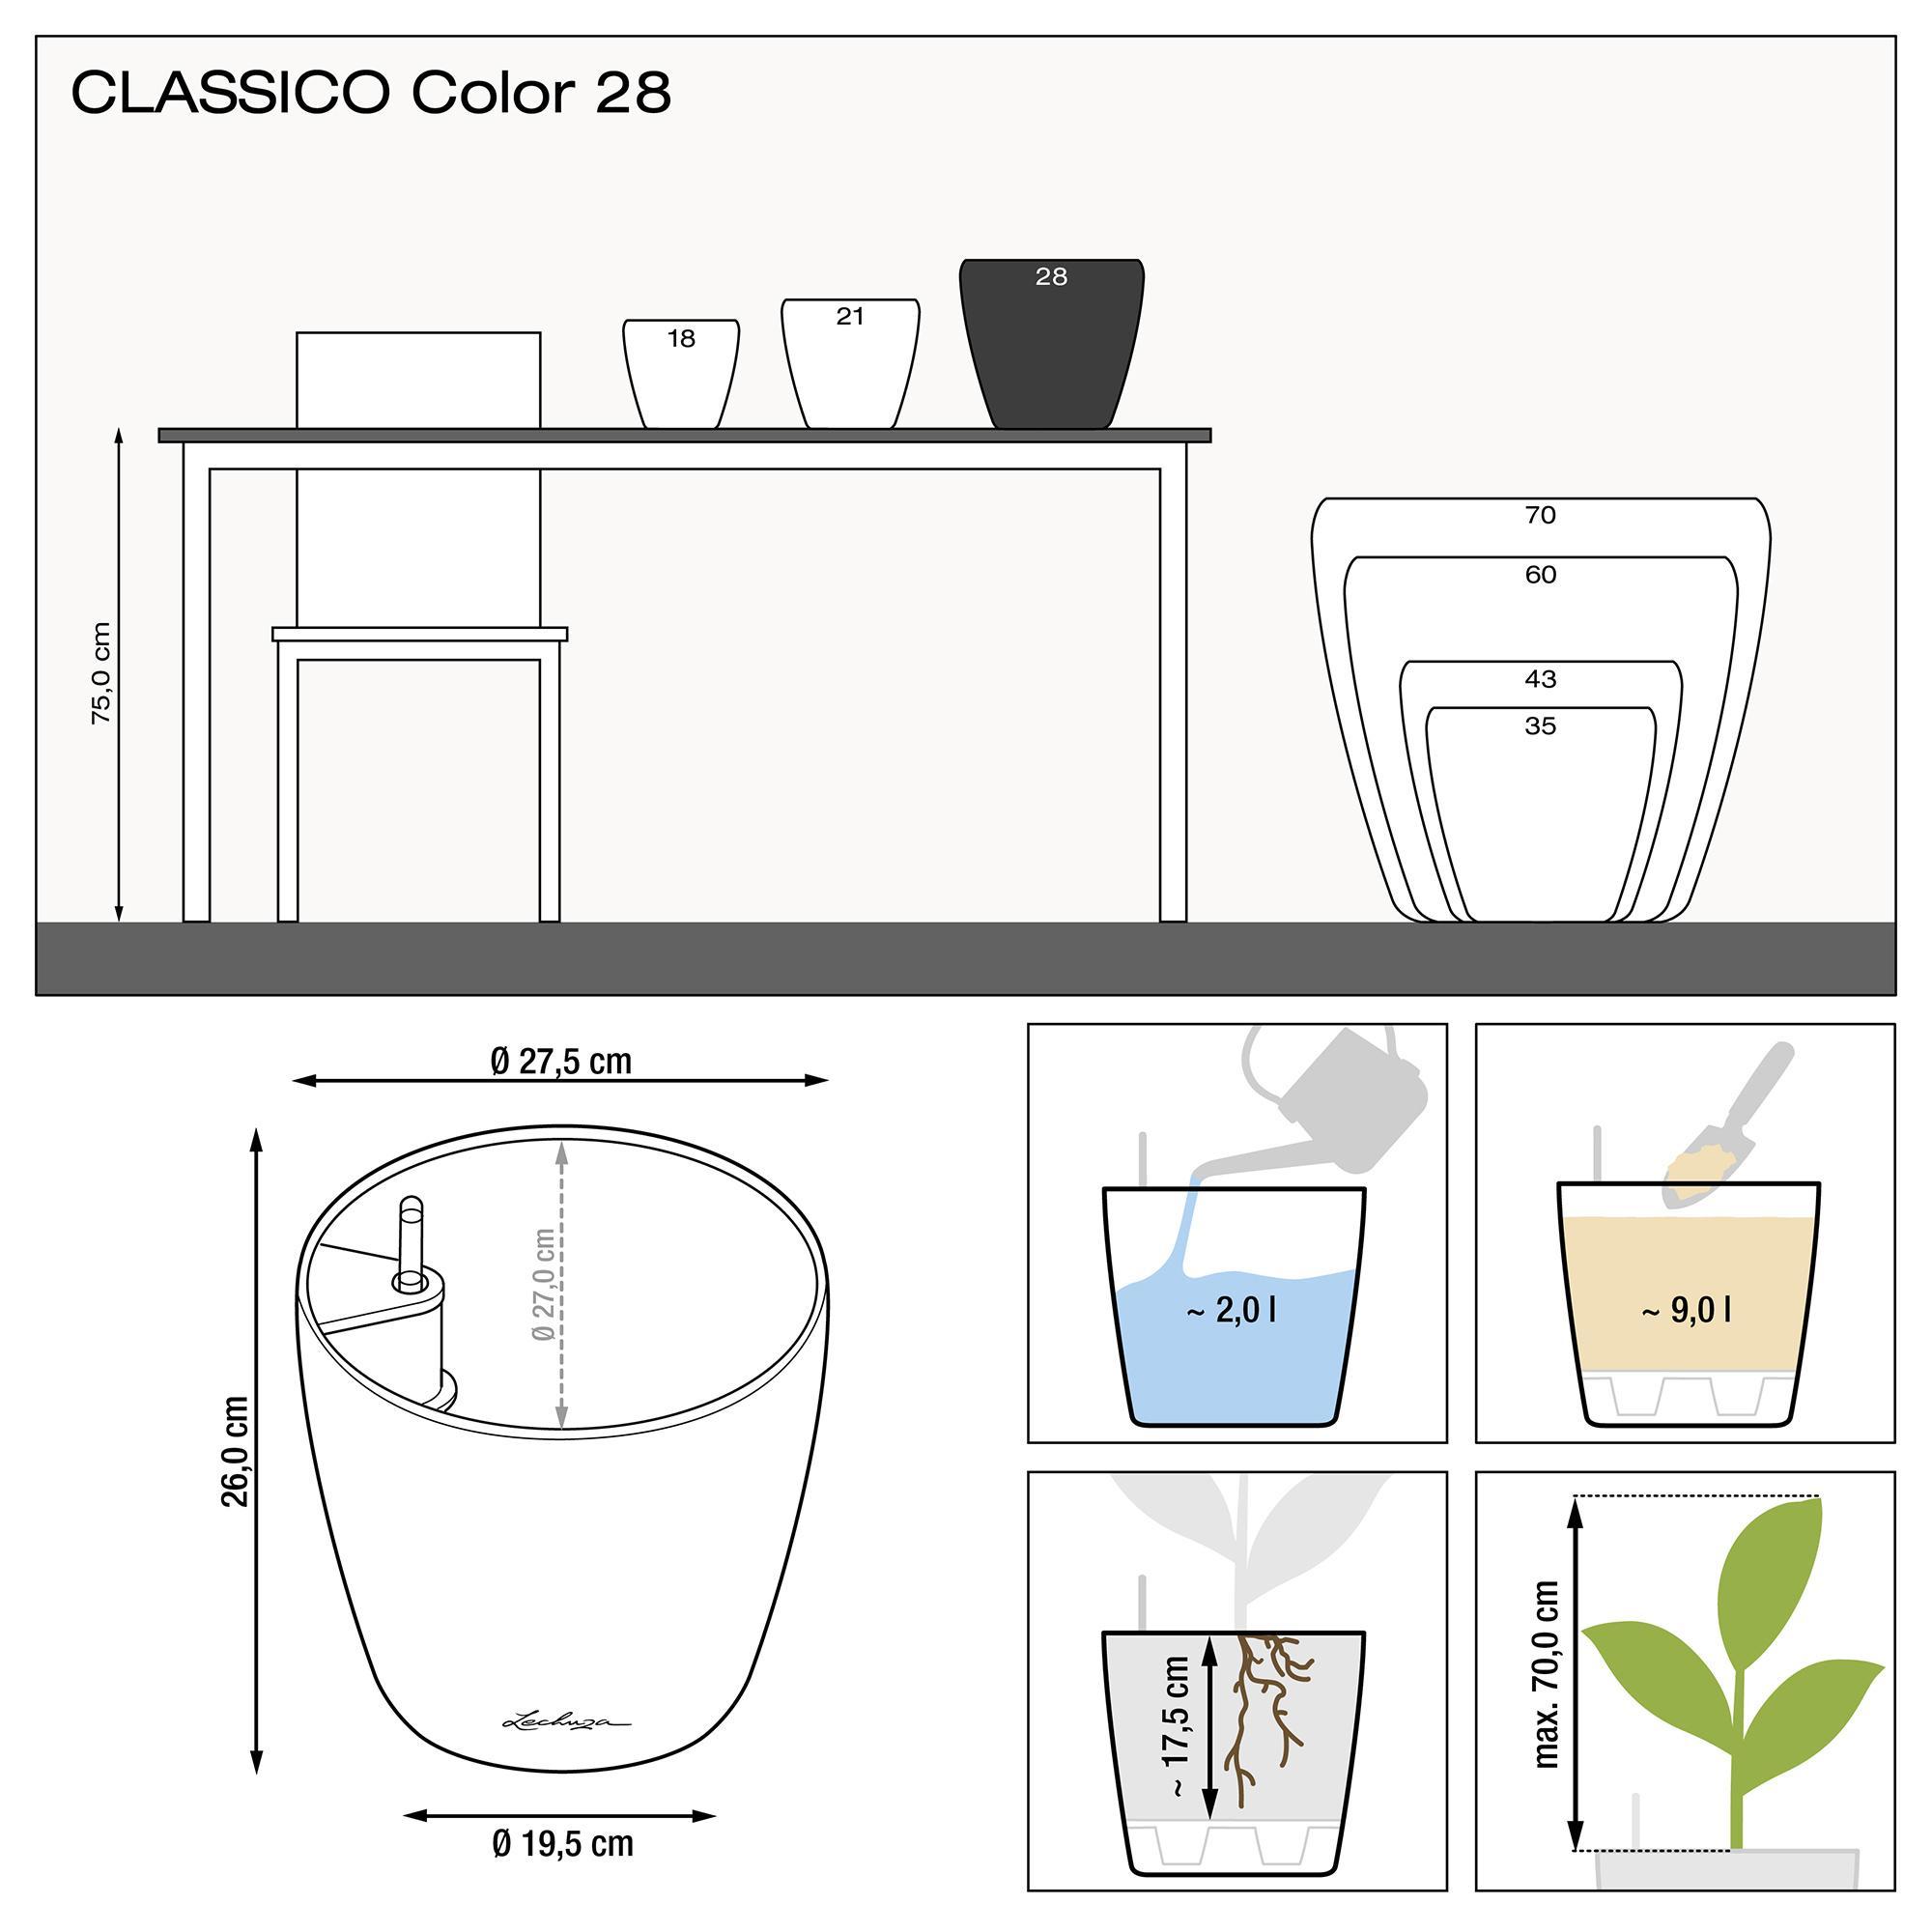 le_classico-color28_product_addi_nz